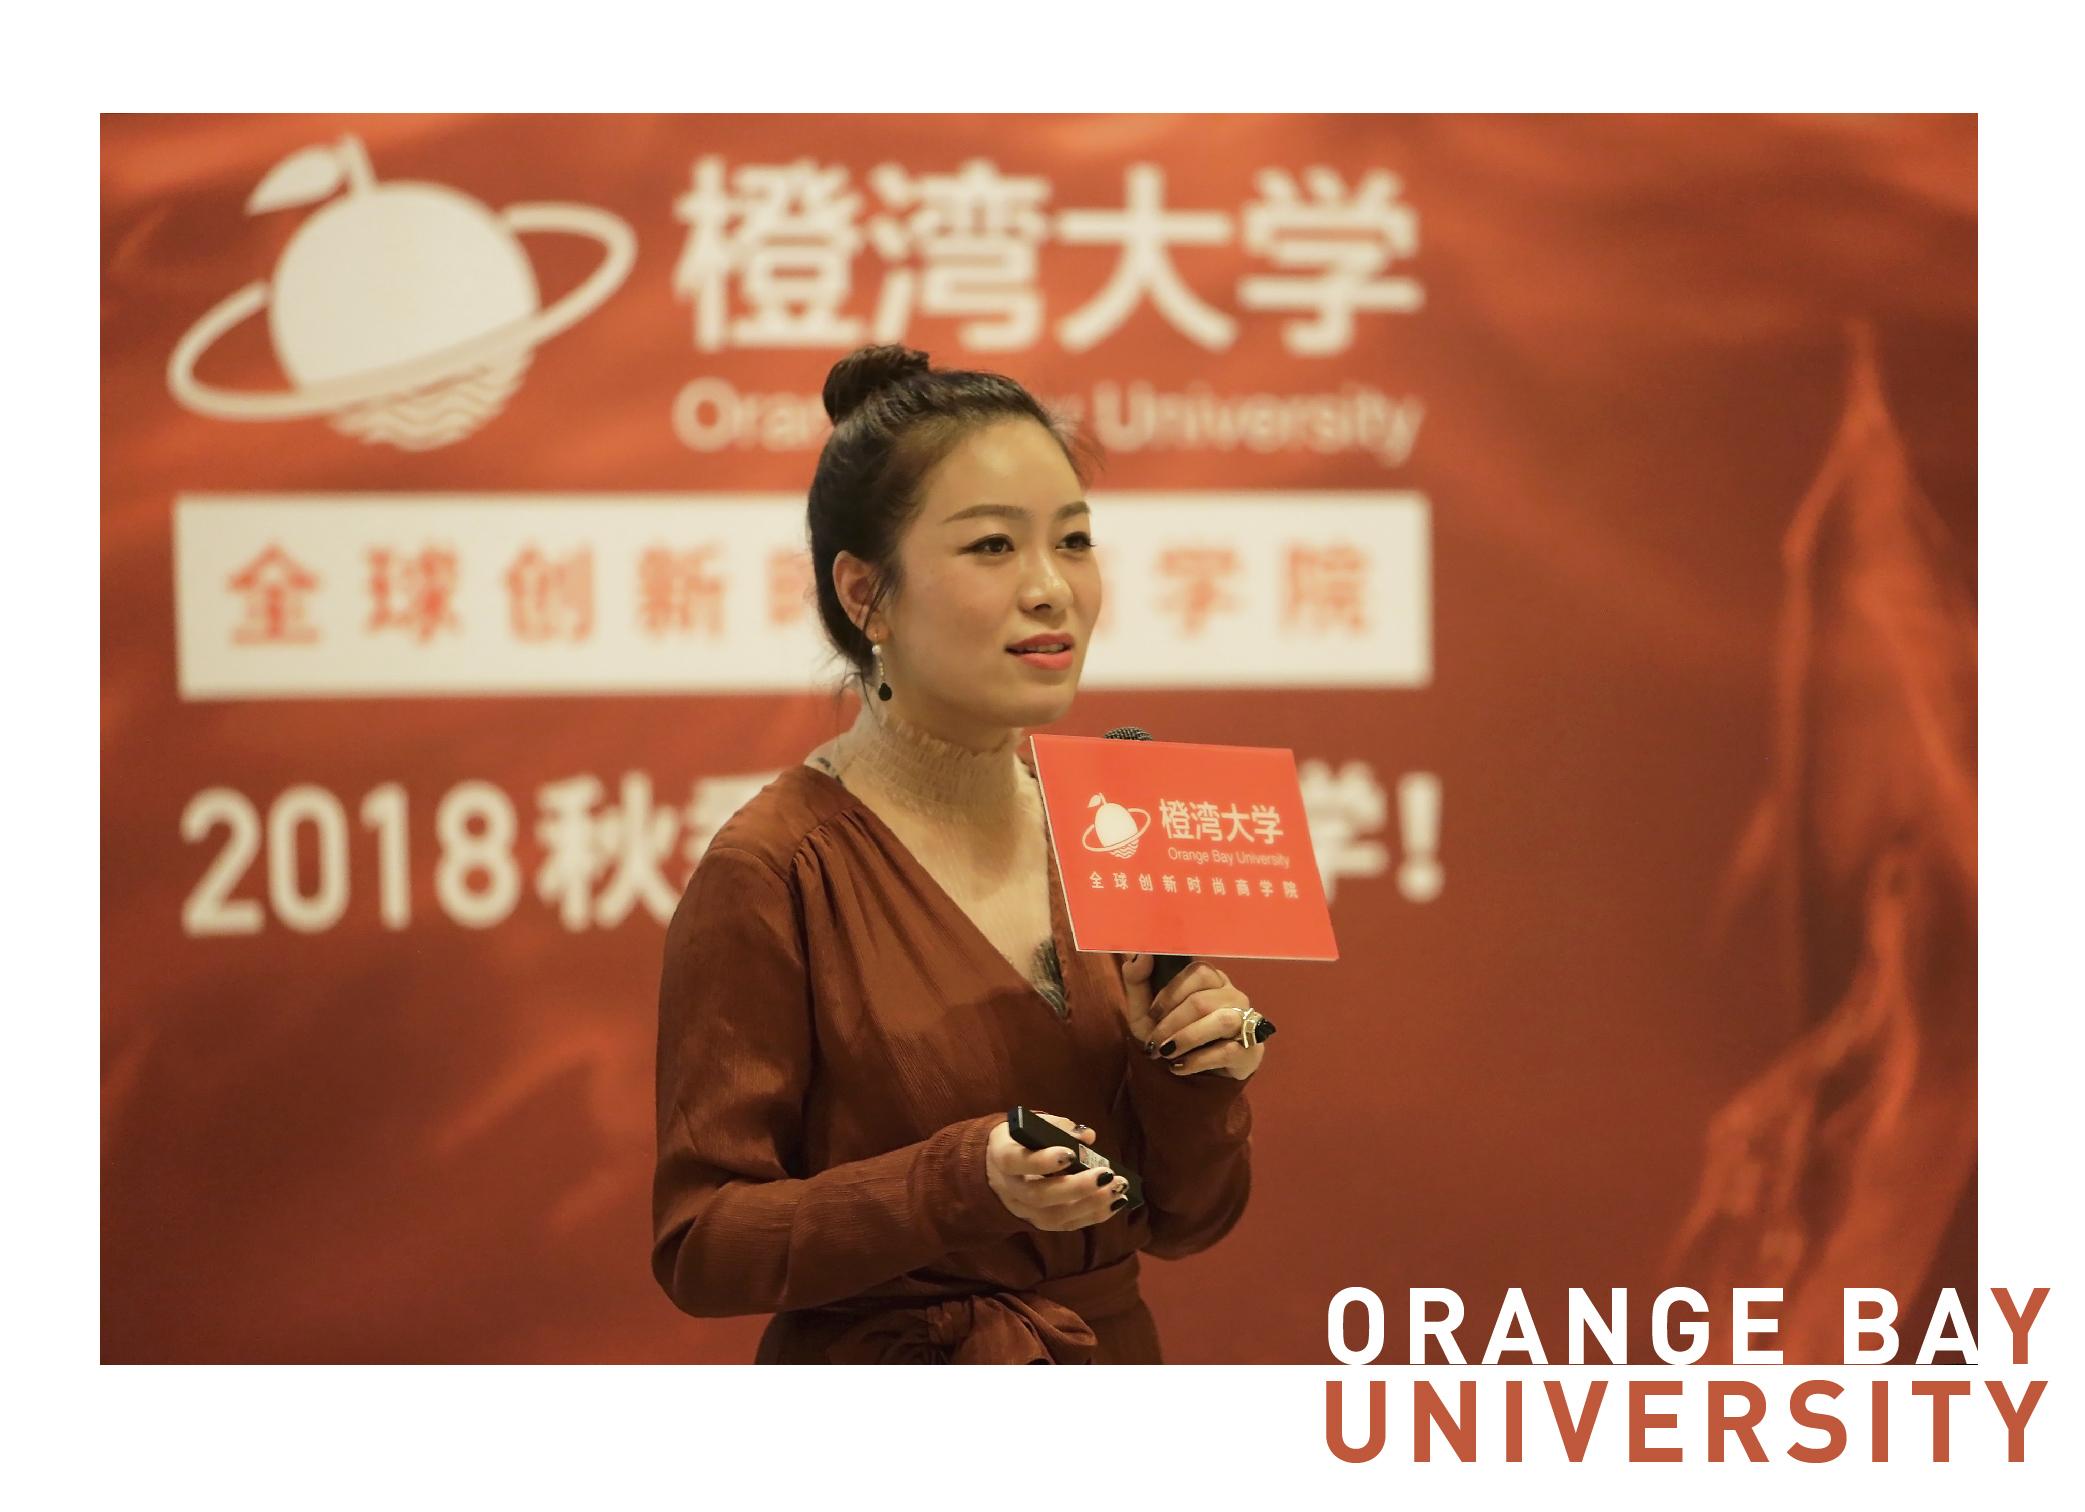 【橙湾课堂】衣二三创始人刘梦媛:做好用户价值,就有无限可能